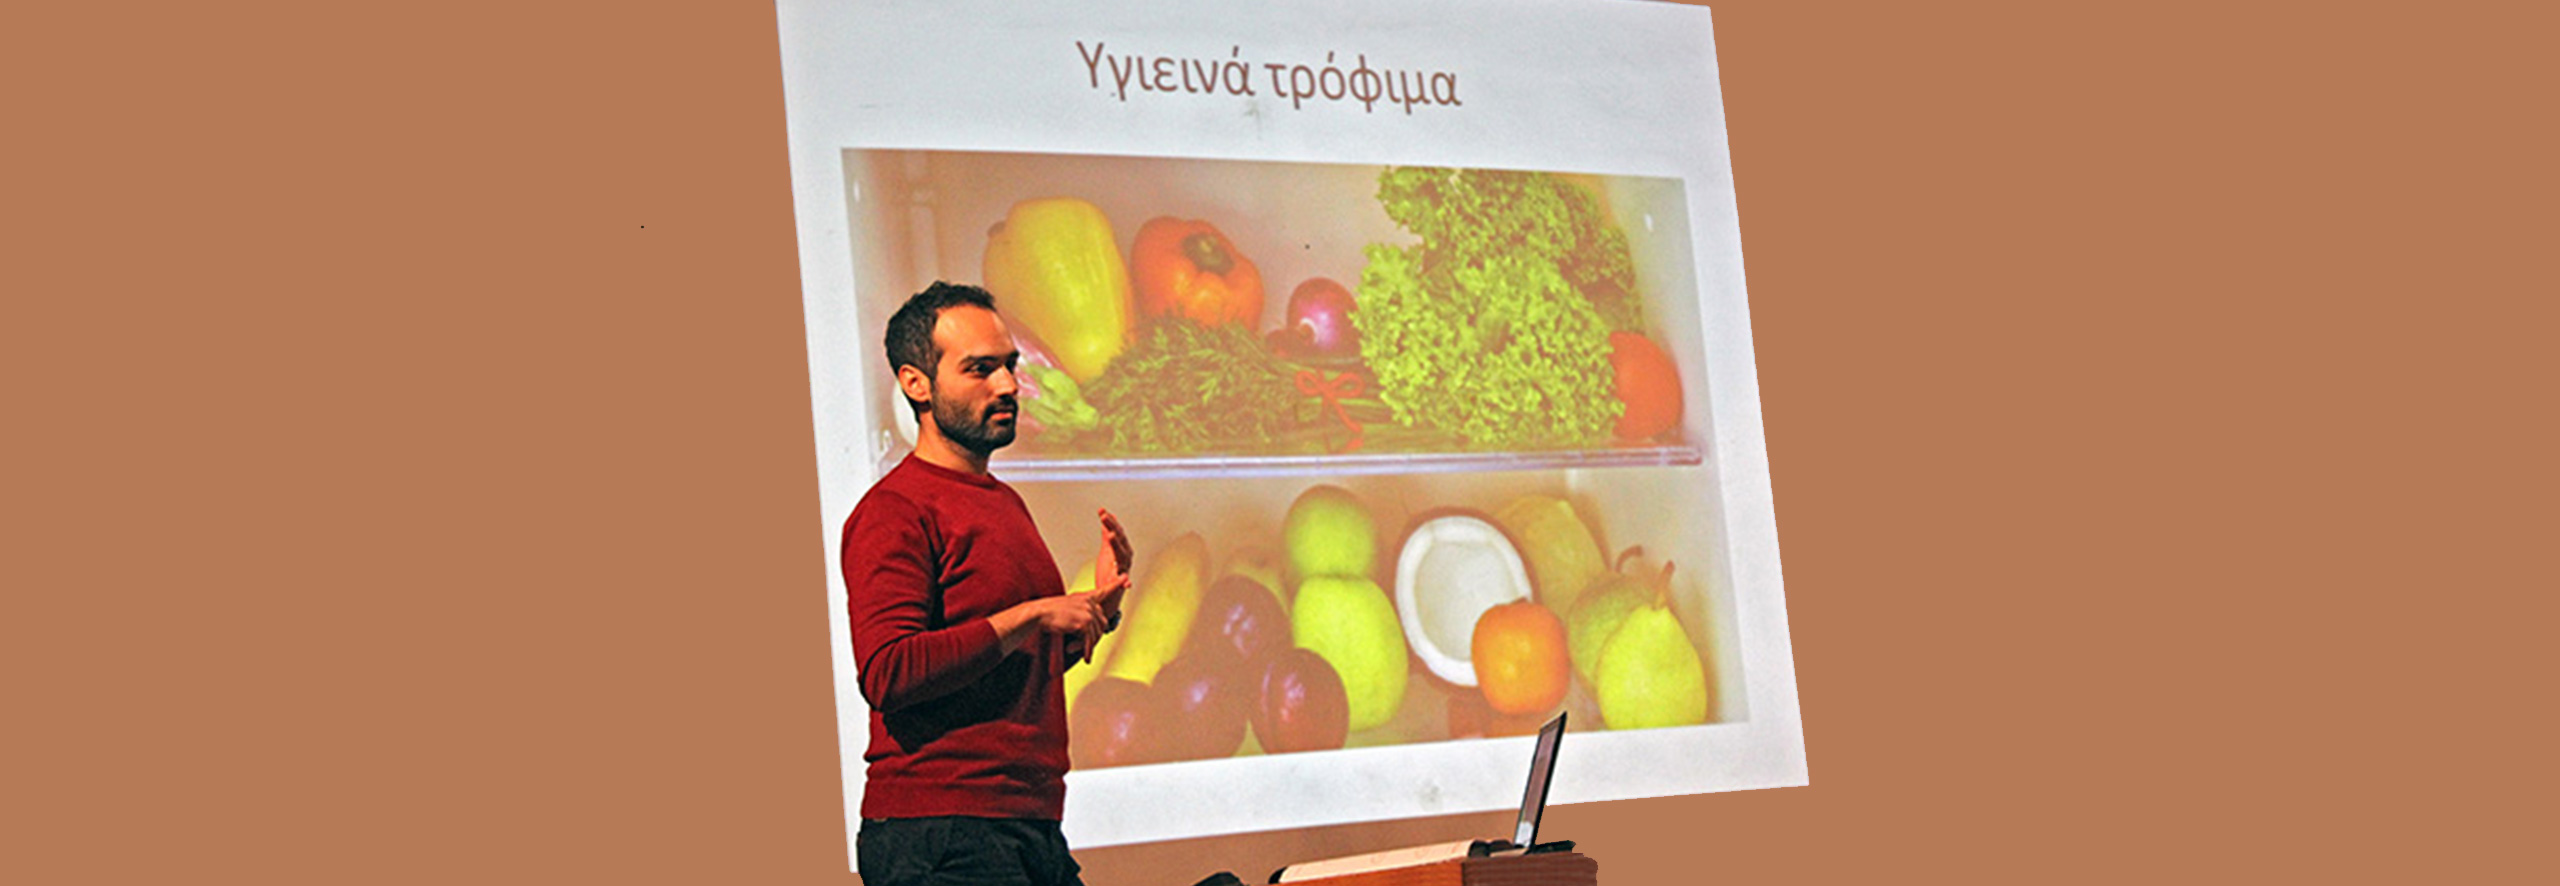 Στυλιανός Κάρλος Διαιτολόγος Διατροφολόγος Χίος